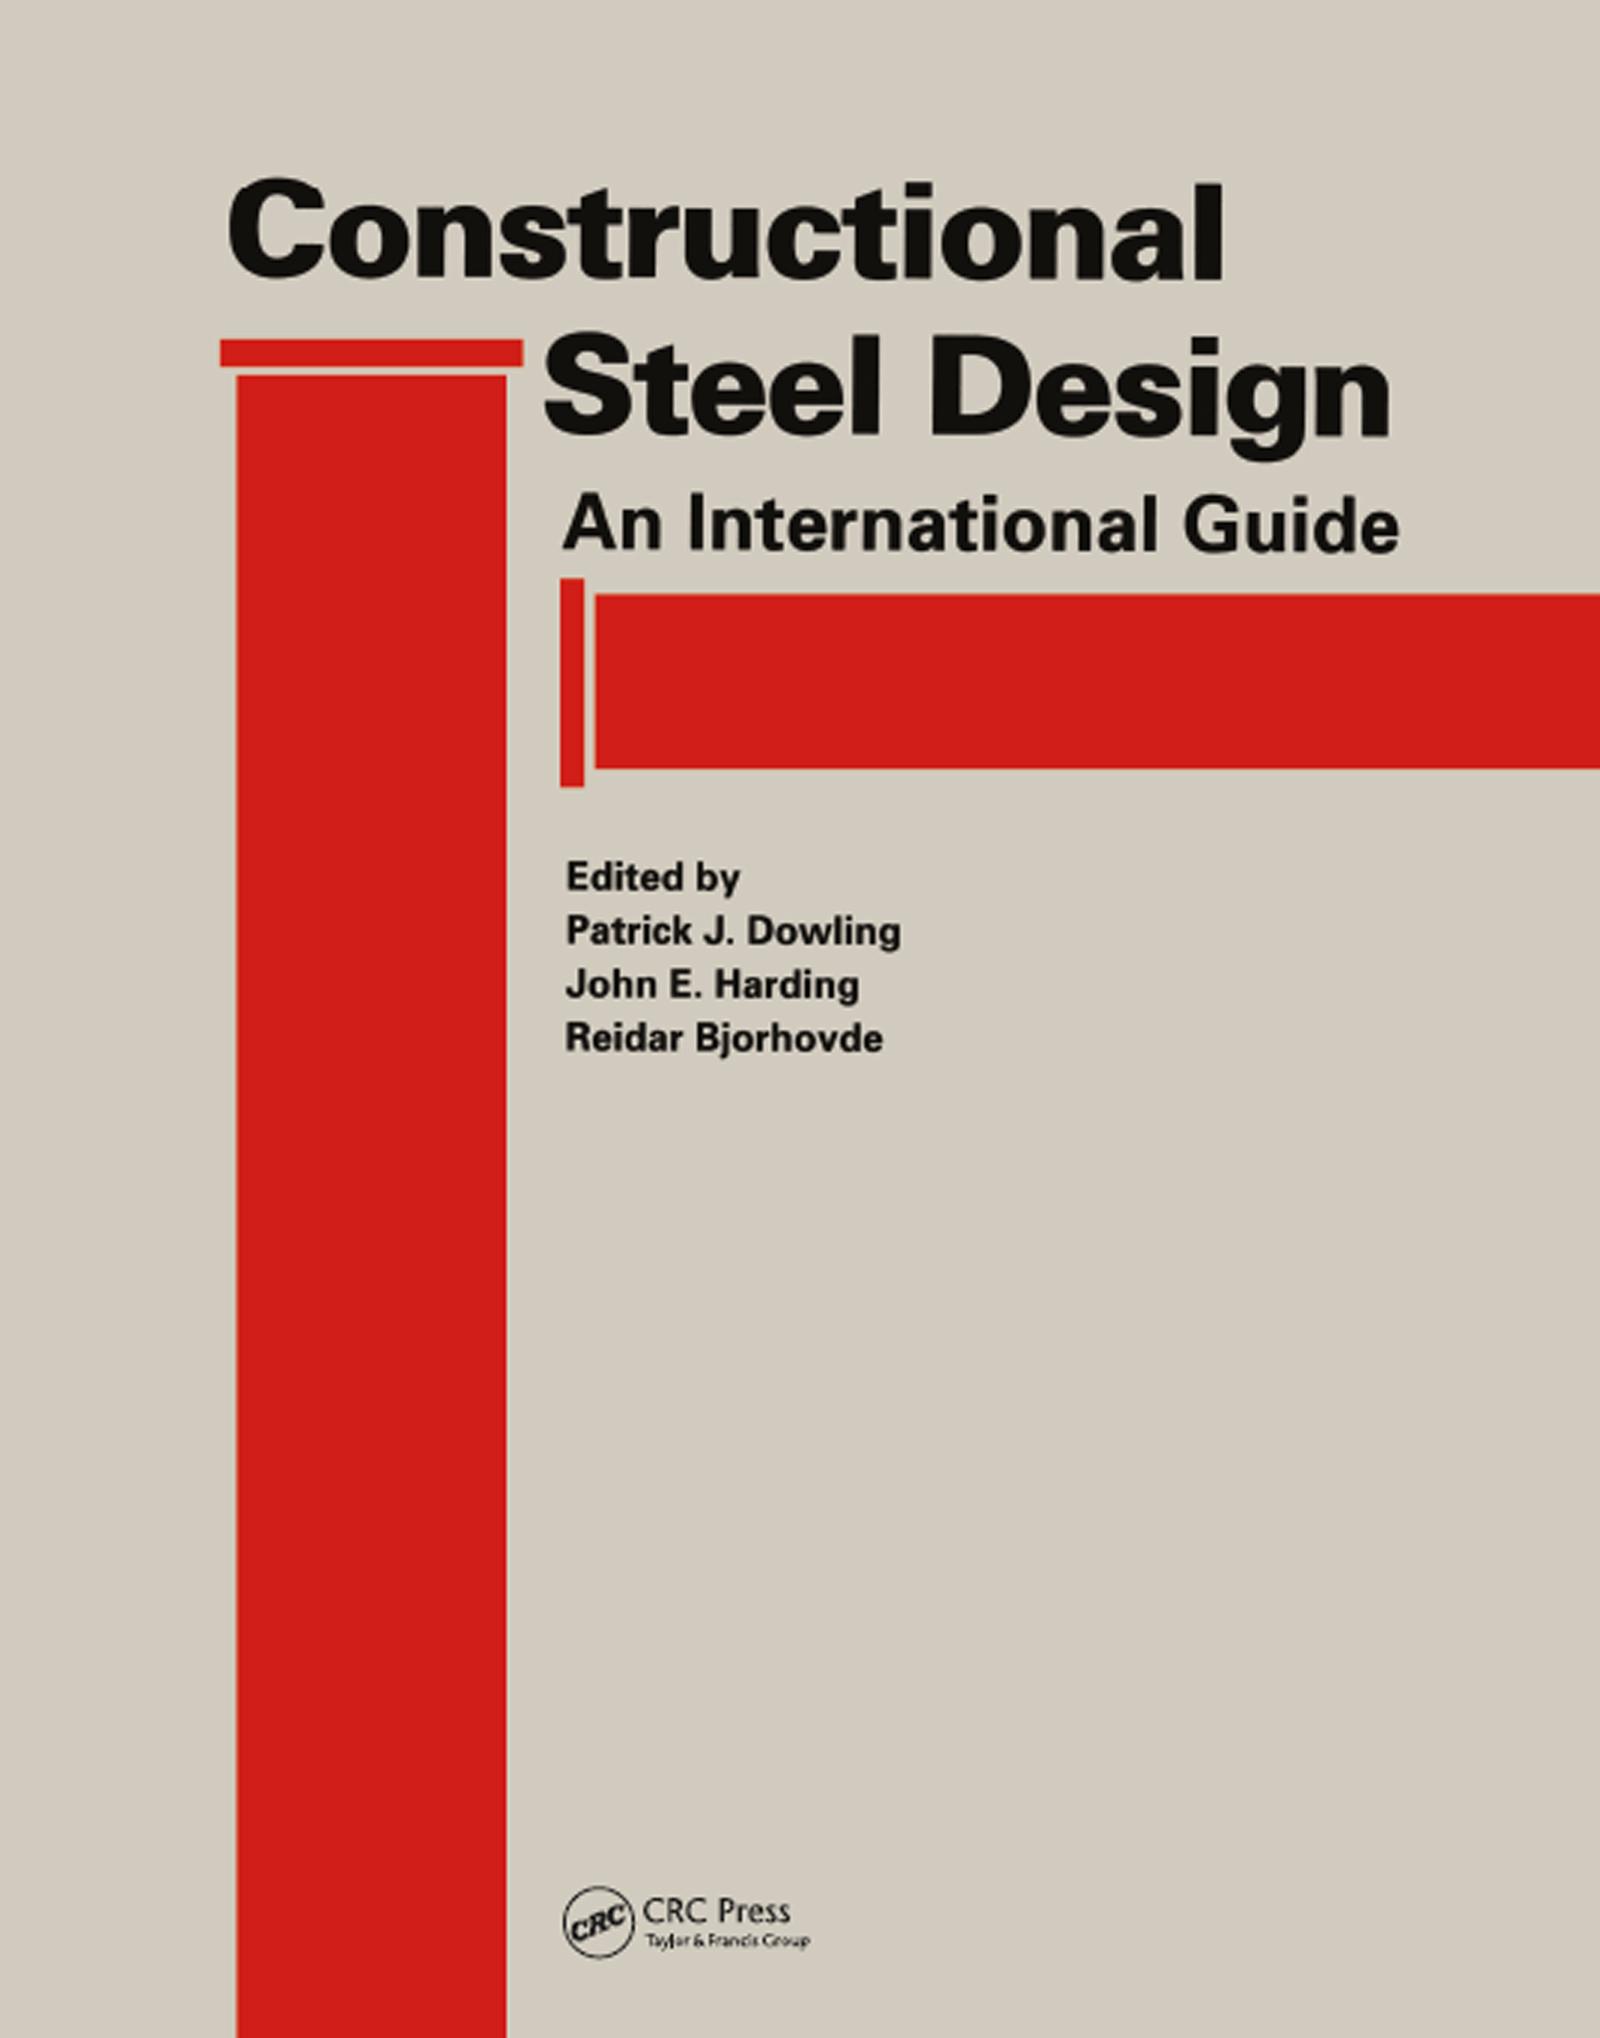 Constructional Steel Design